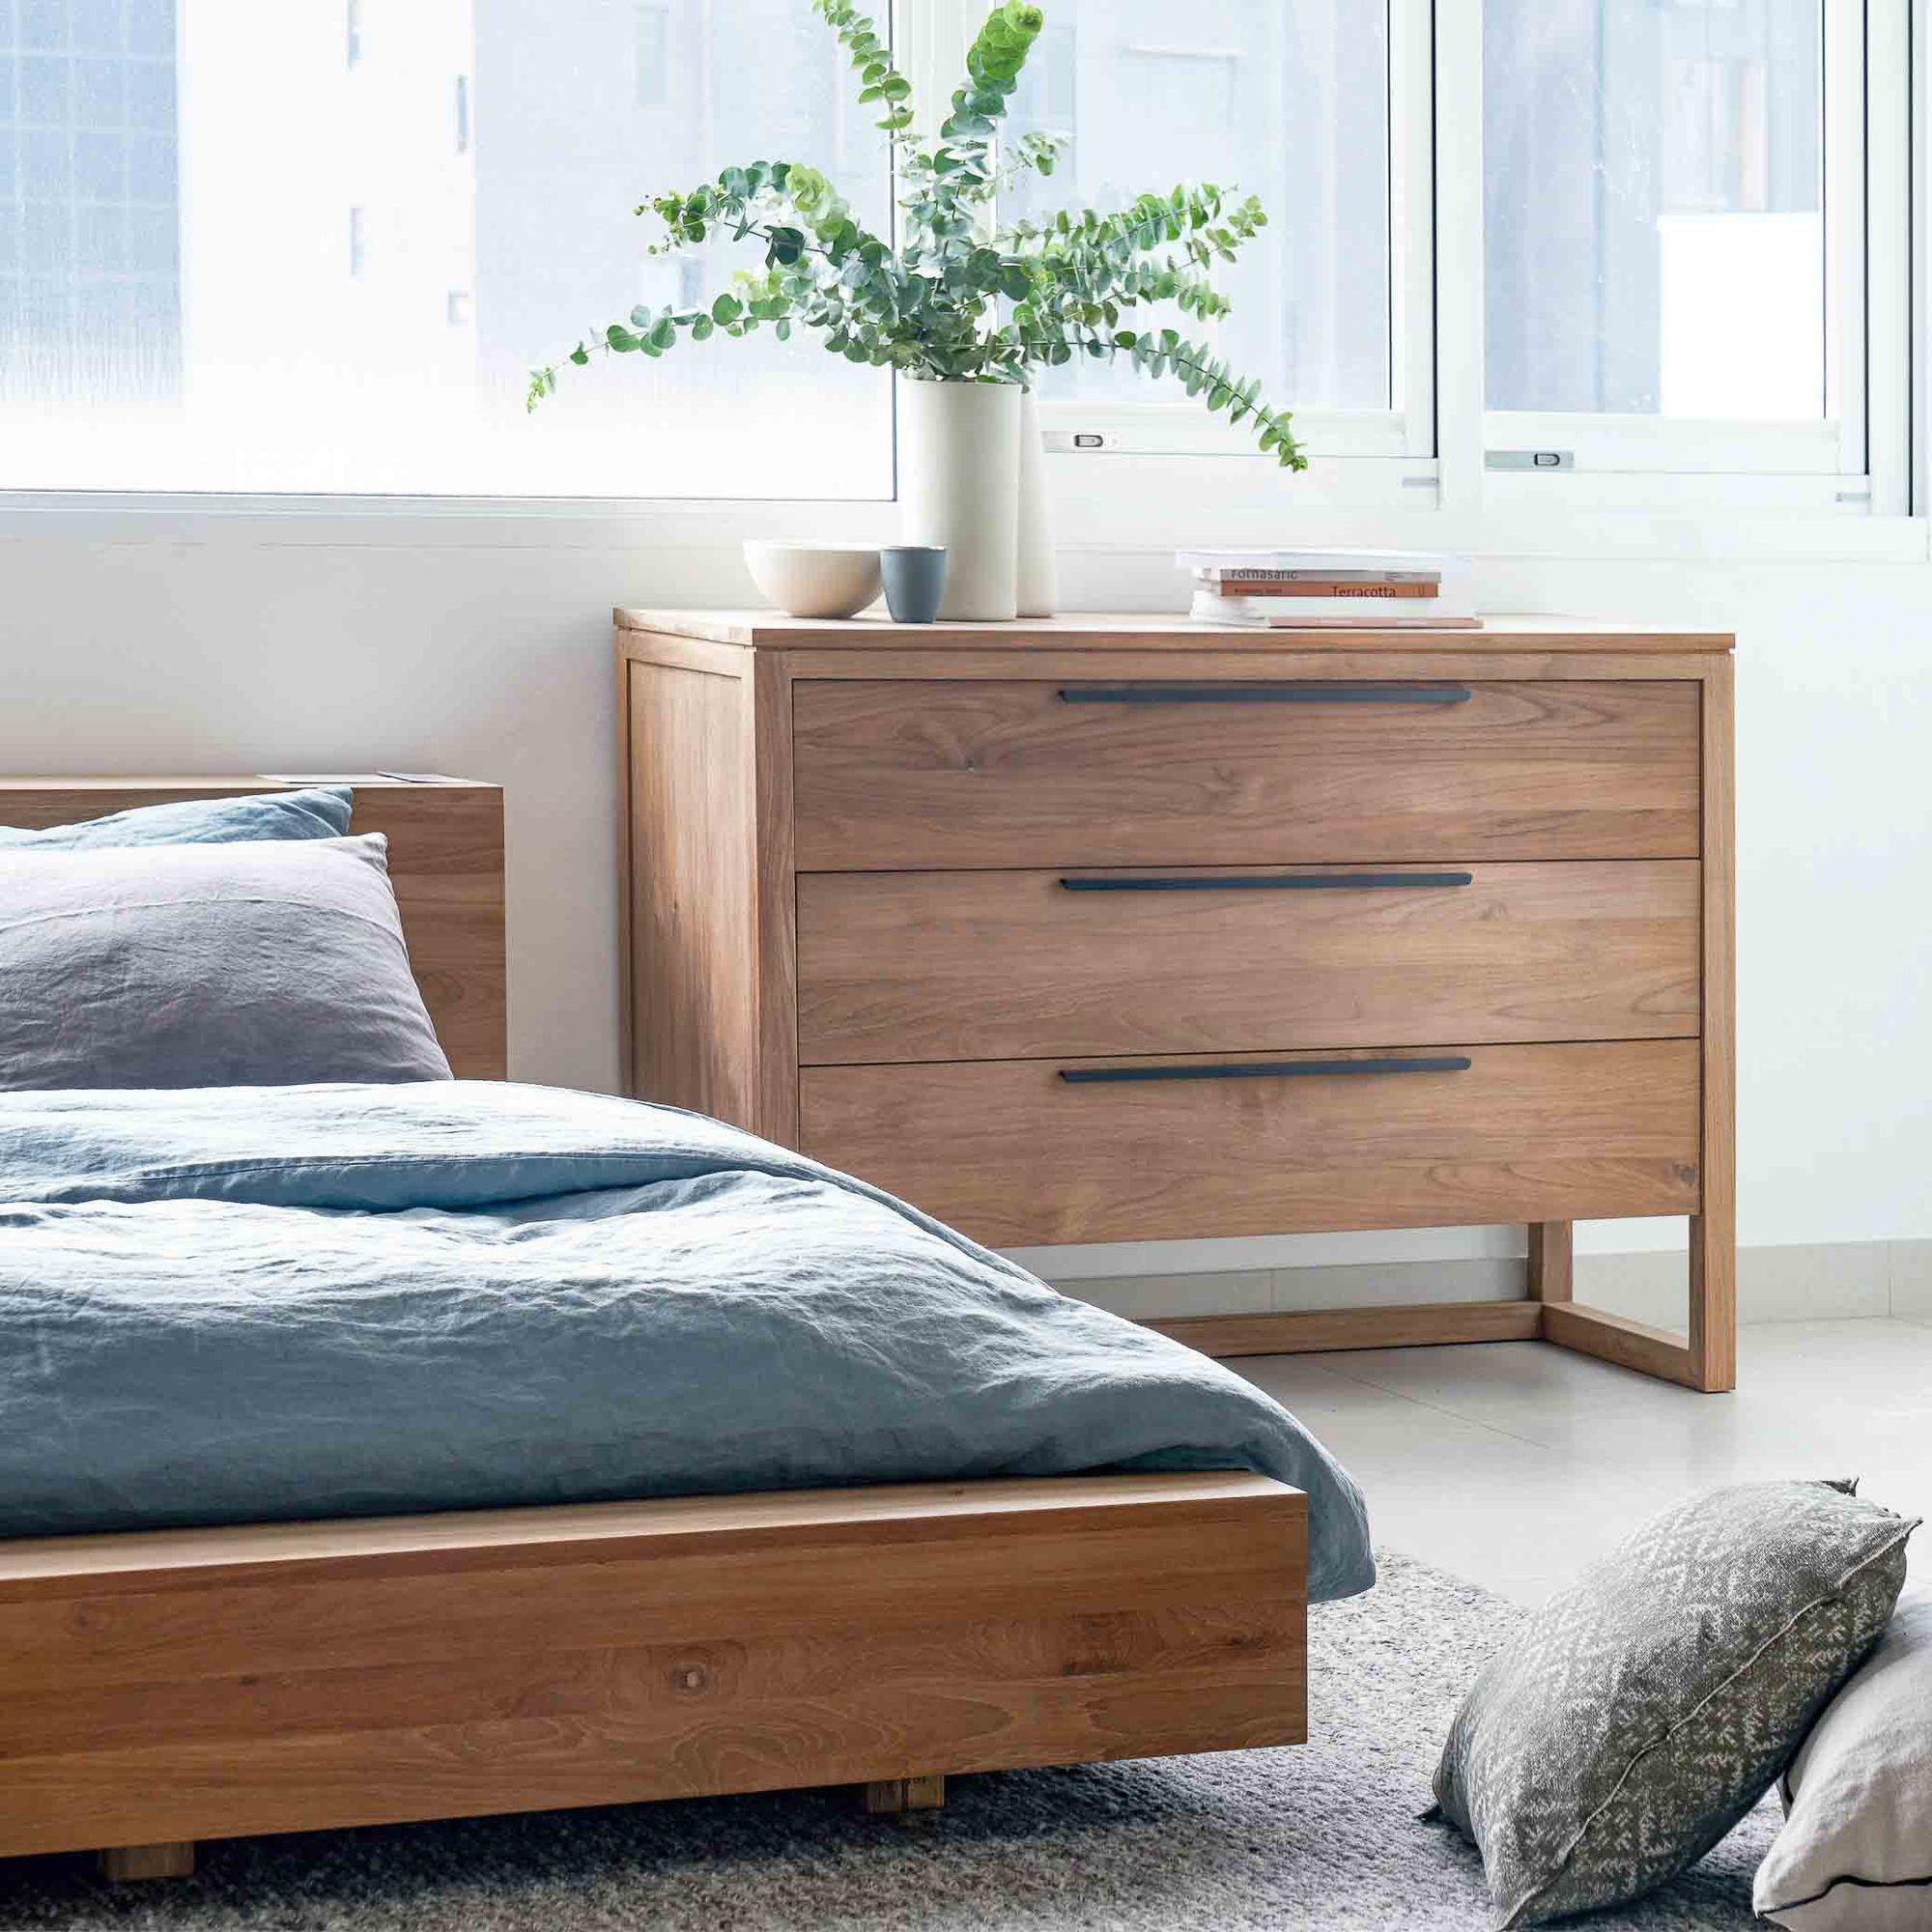 Teak Bed Frame Madra Bed Australia Size In 2020 Bed Frame Beds Australia Contemporary Platform Bed